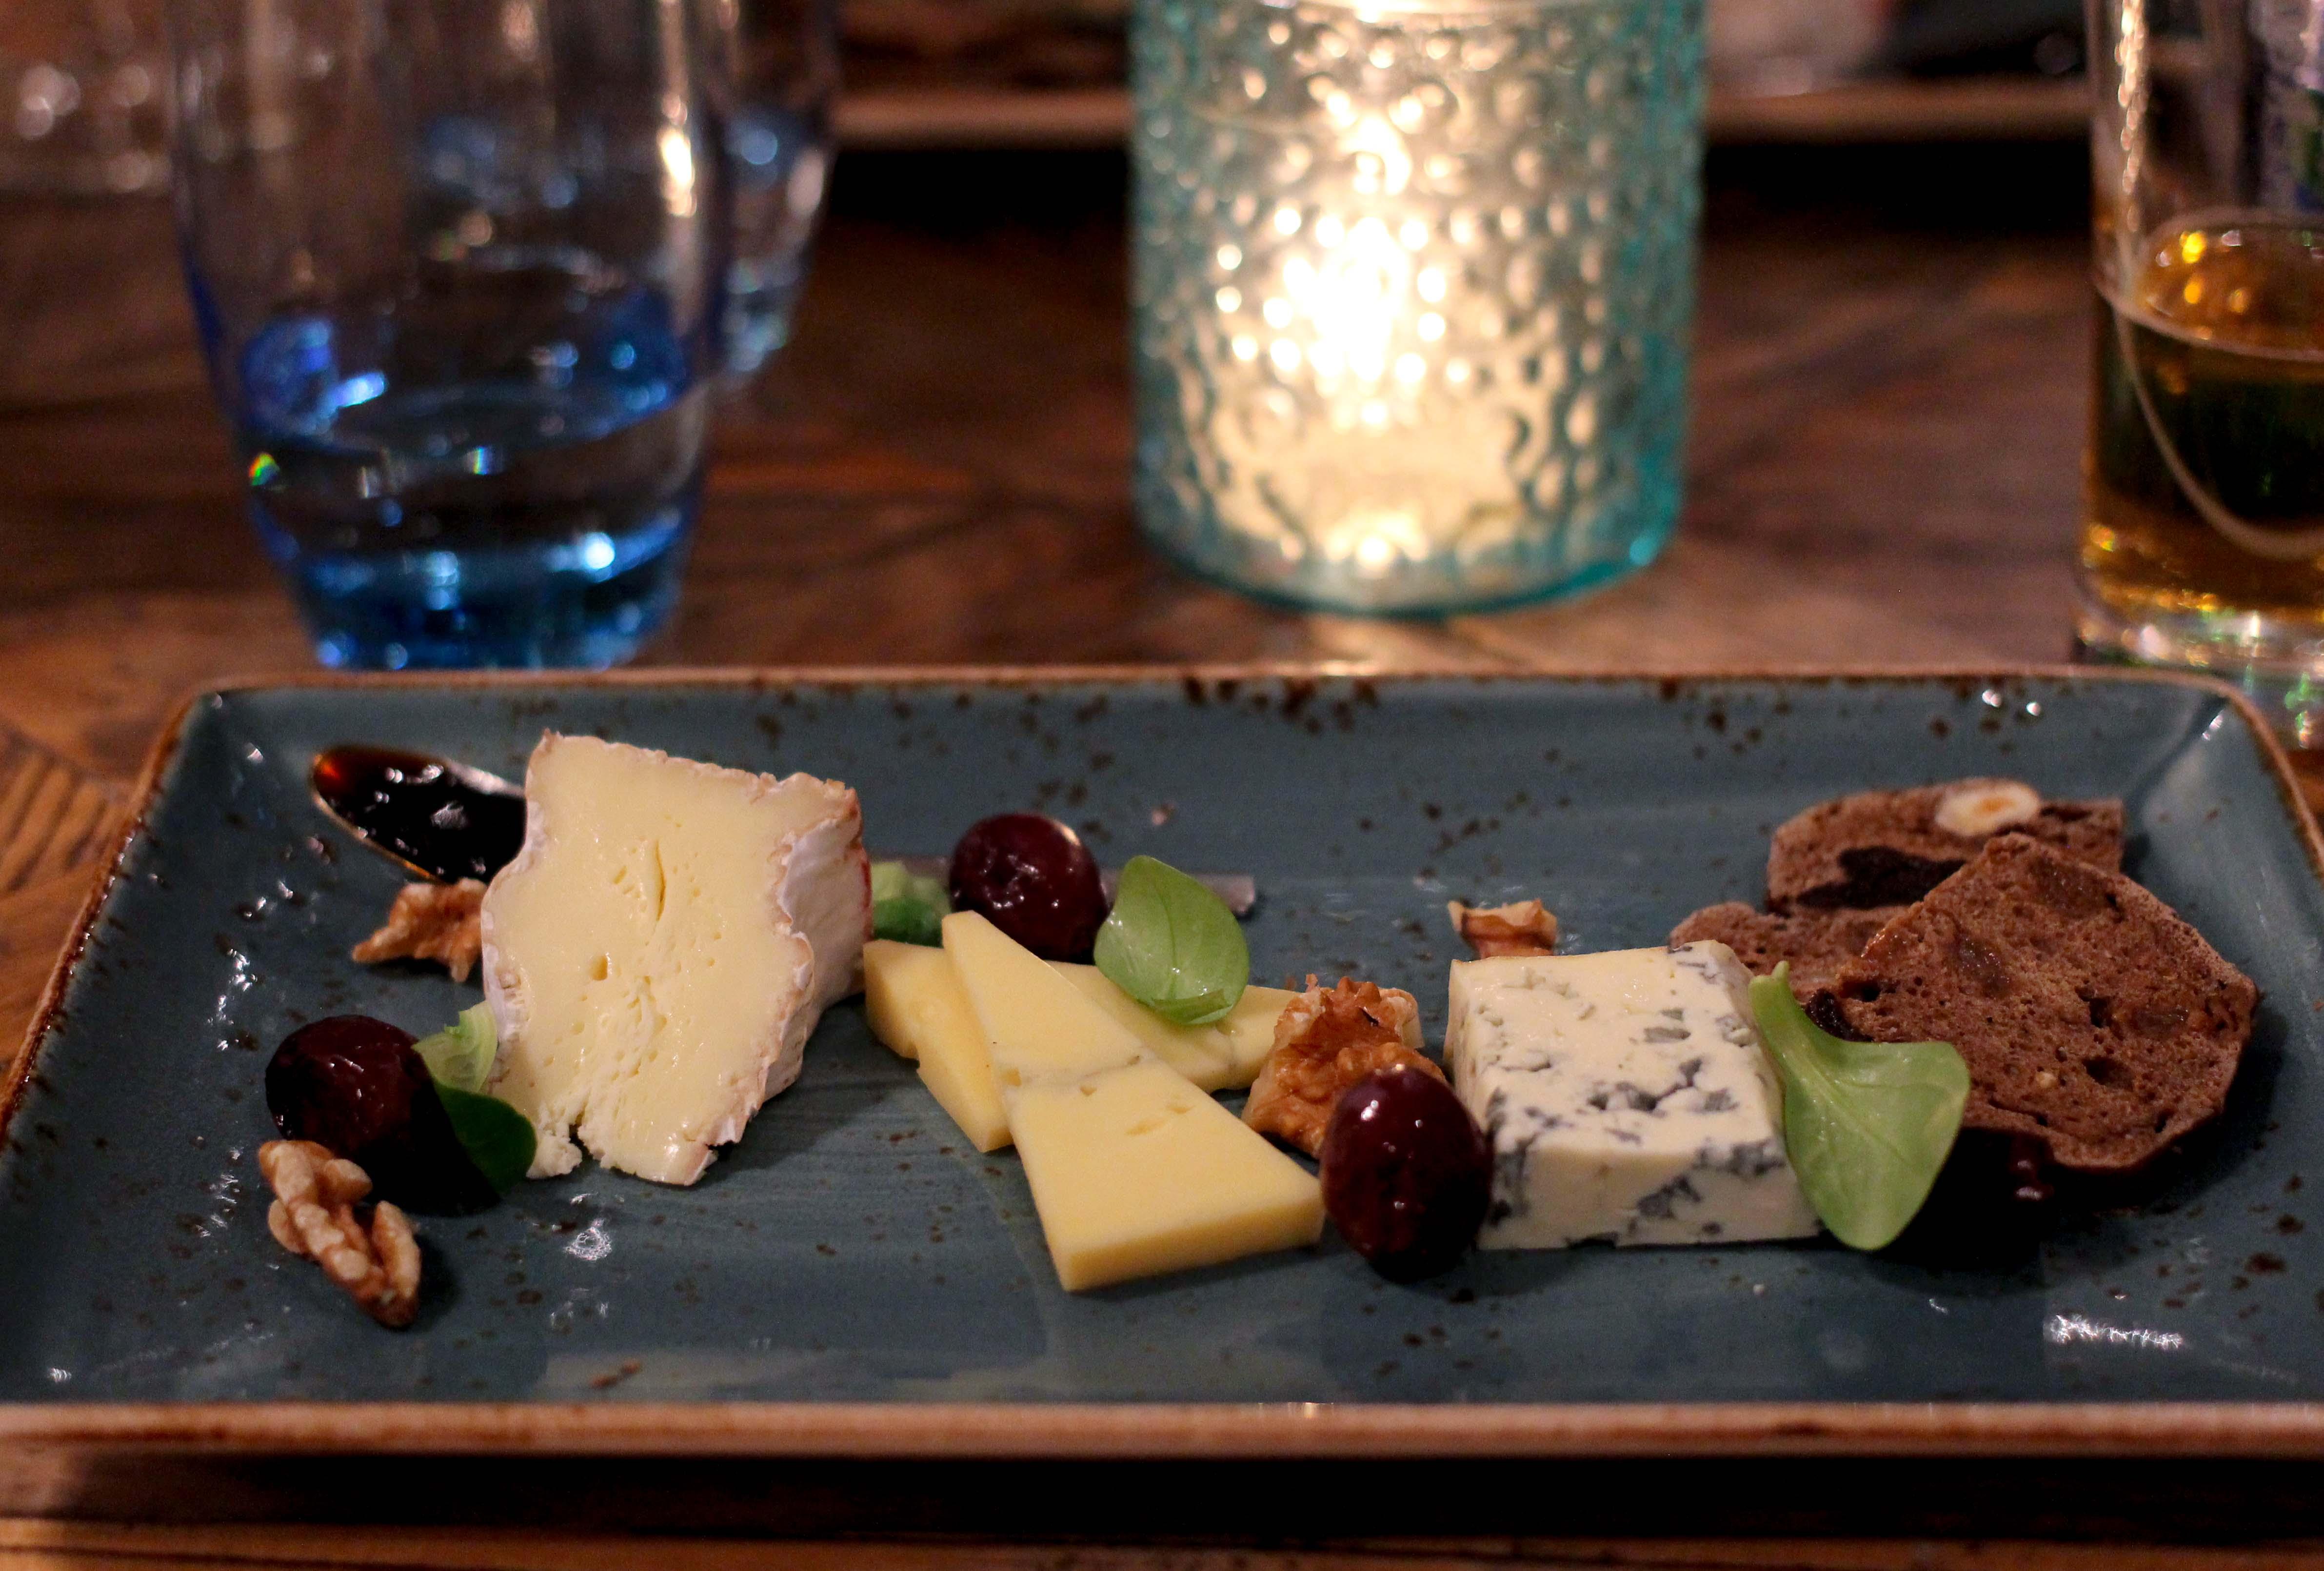 Holland Wochenendtrip Dinner in De Korenmolen Restaurant Appeltern 3 Gänge Menü Käseplatte das andere Holland Reiseblog